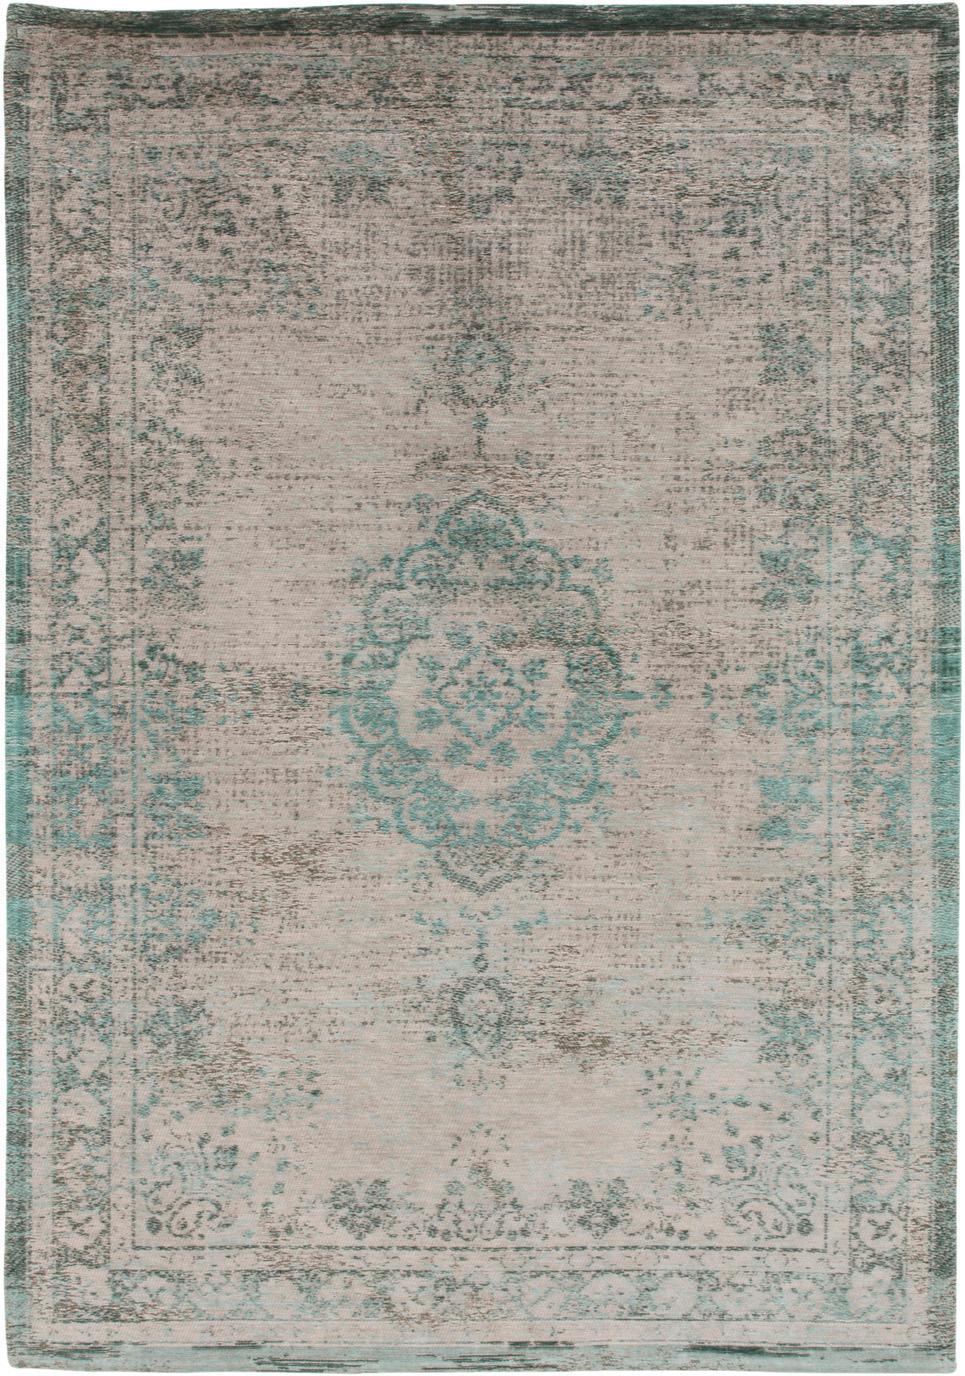 Dywan szenilowy vintage Medaillon, Zielony, blady różowy, S 170 x D 240 cm (Rozmiar M)